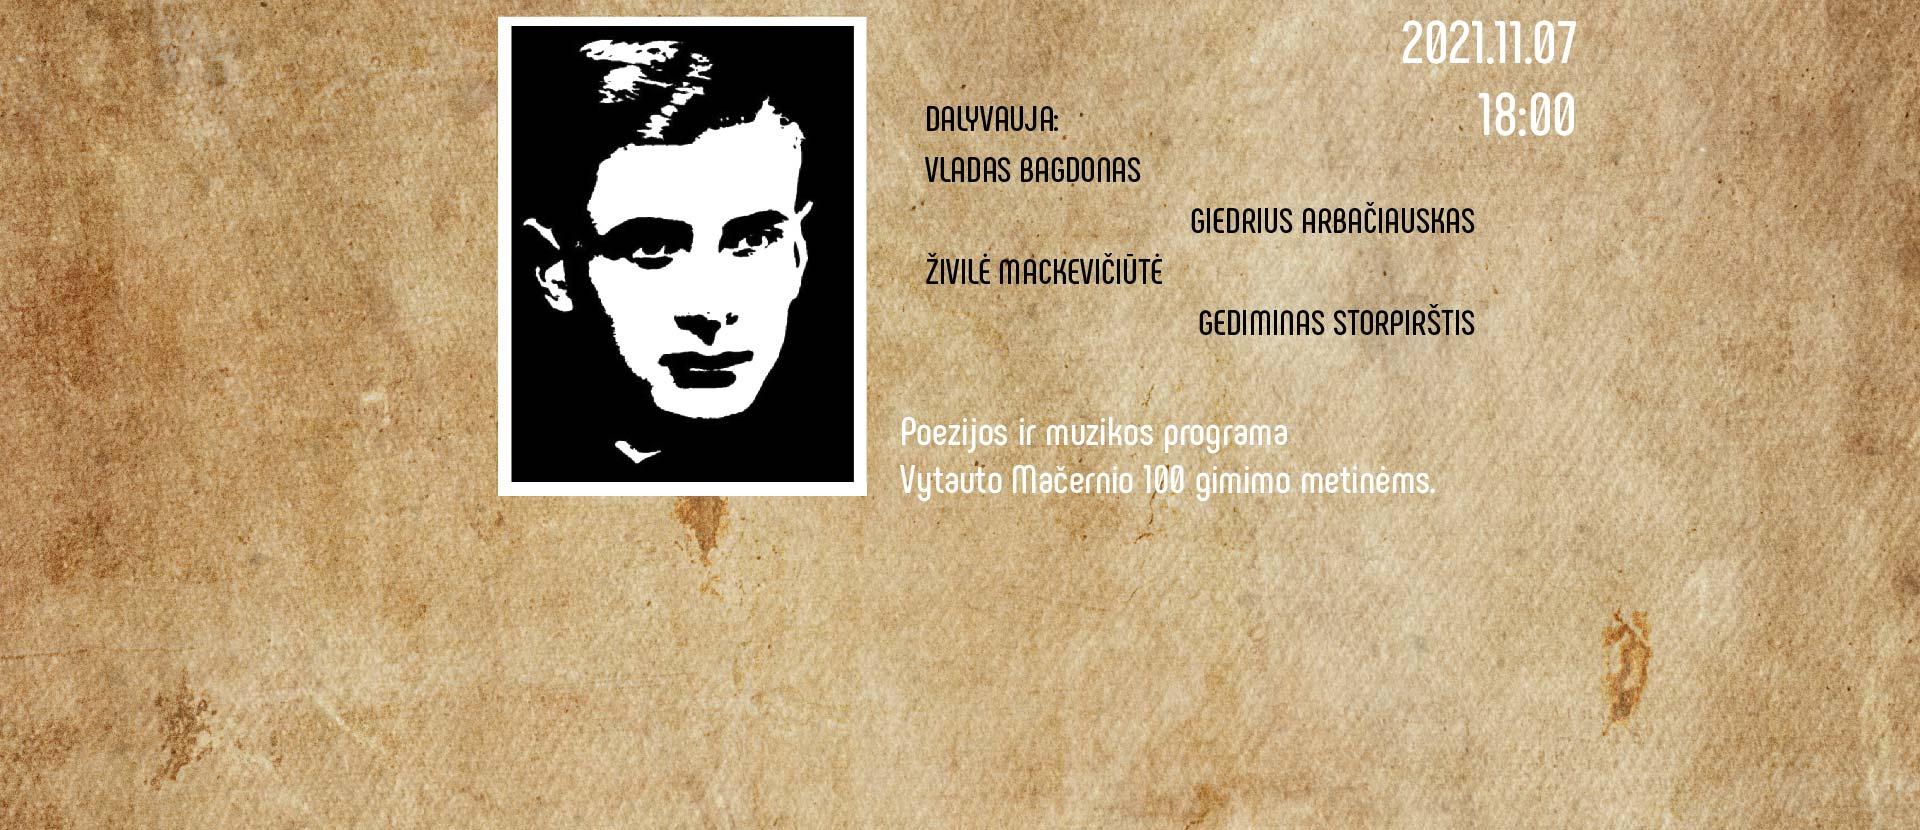 Poezijos ir muzikos programa V.Mačernio metams | Šv.Kotrynos bažnyčia